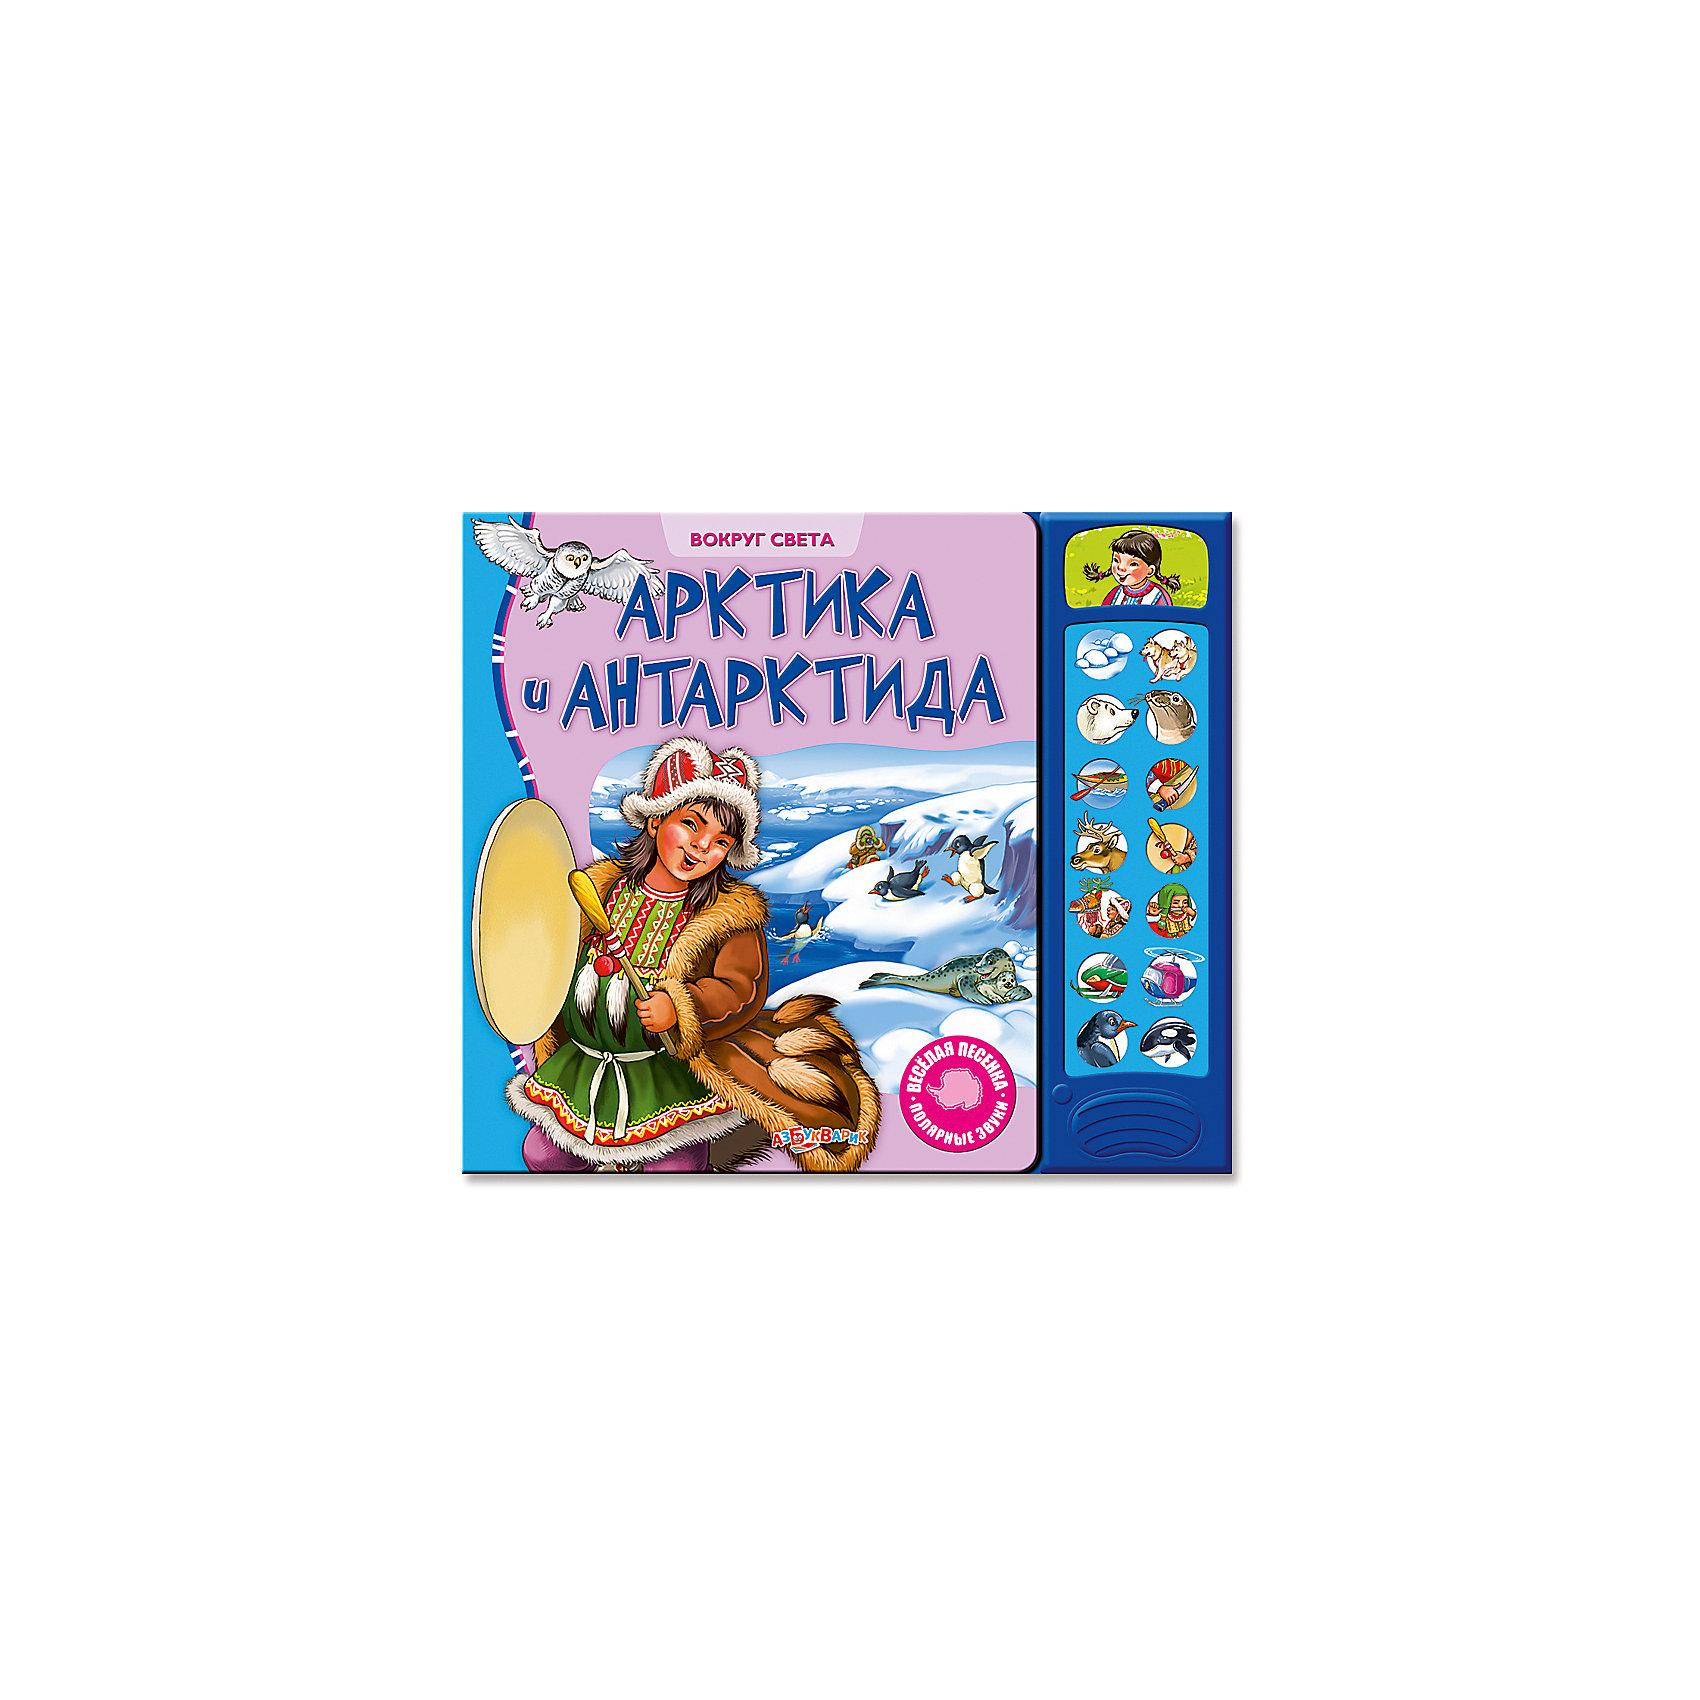 Арктика и Антарктида, Вокруг светаХочешь отправиться в увлекательное путешествие по Арктике и Антарктиде? Тогда скорее открывай эту замечательную книгу! Она расскажет тебе о замечательных народах - эскимосах и чукчах, которые запрягают в сани оленей и собак, носят одежду из звериных шкур и не боятся лютых морозов. Кроме того, здесь водятся удивительные животные – моржи, тюлени, белые медведи.<br><br>Дополнительная информация:<br>  <br>- Переплет: картон.<br>- Формат: 24х23 см.<br>- Количество страниц: 12.<br>- Иллюстрации: цветные. <br>- Элемент питания: батарейки  AG13/ LR44 (в комплекте).<br><br>Книгу Арктика и Антарктида можно купить в нашем магазине.<br><br>Ширина мм: 280<br>Глубина мм: 150<br>Высота мм: 20<br>Вес г: 583<br>Возраст от месяцев: 24<br>Возраст до месяцев: 60<br>Пол: Унисекс<br>Возраст: Детский<br>SKU: 4603758